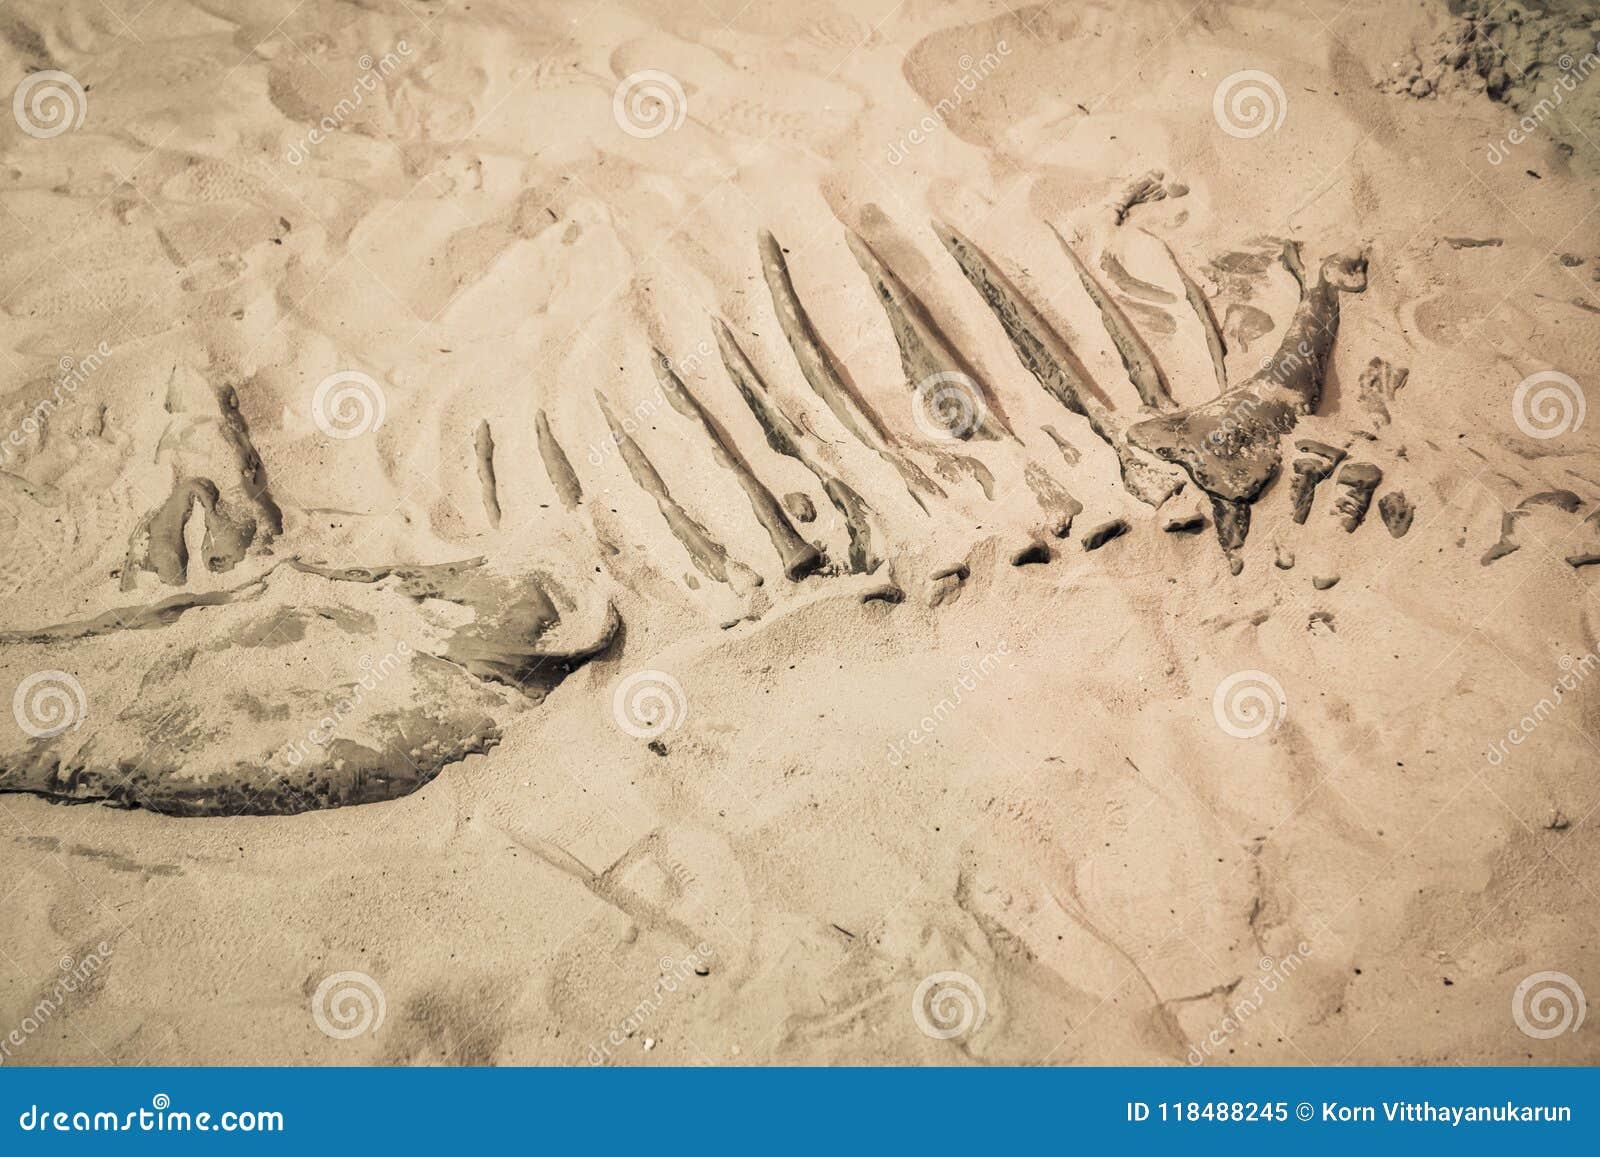 Dinosaur fossil found, Primitive animals bone in sand